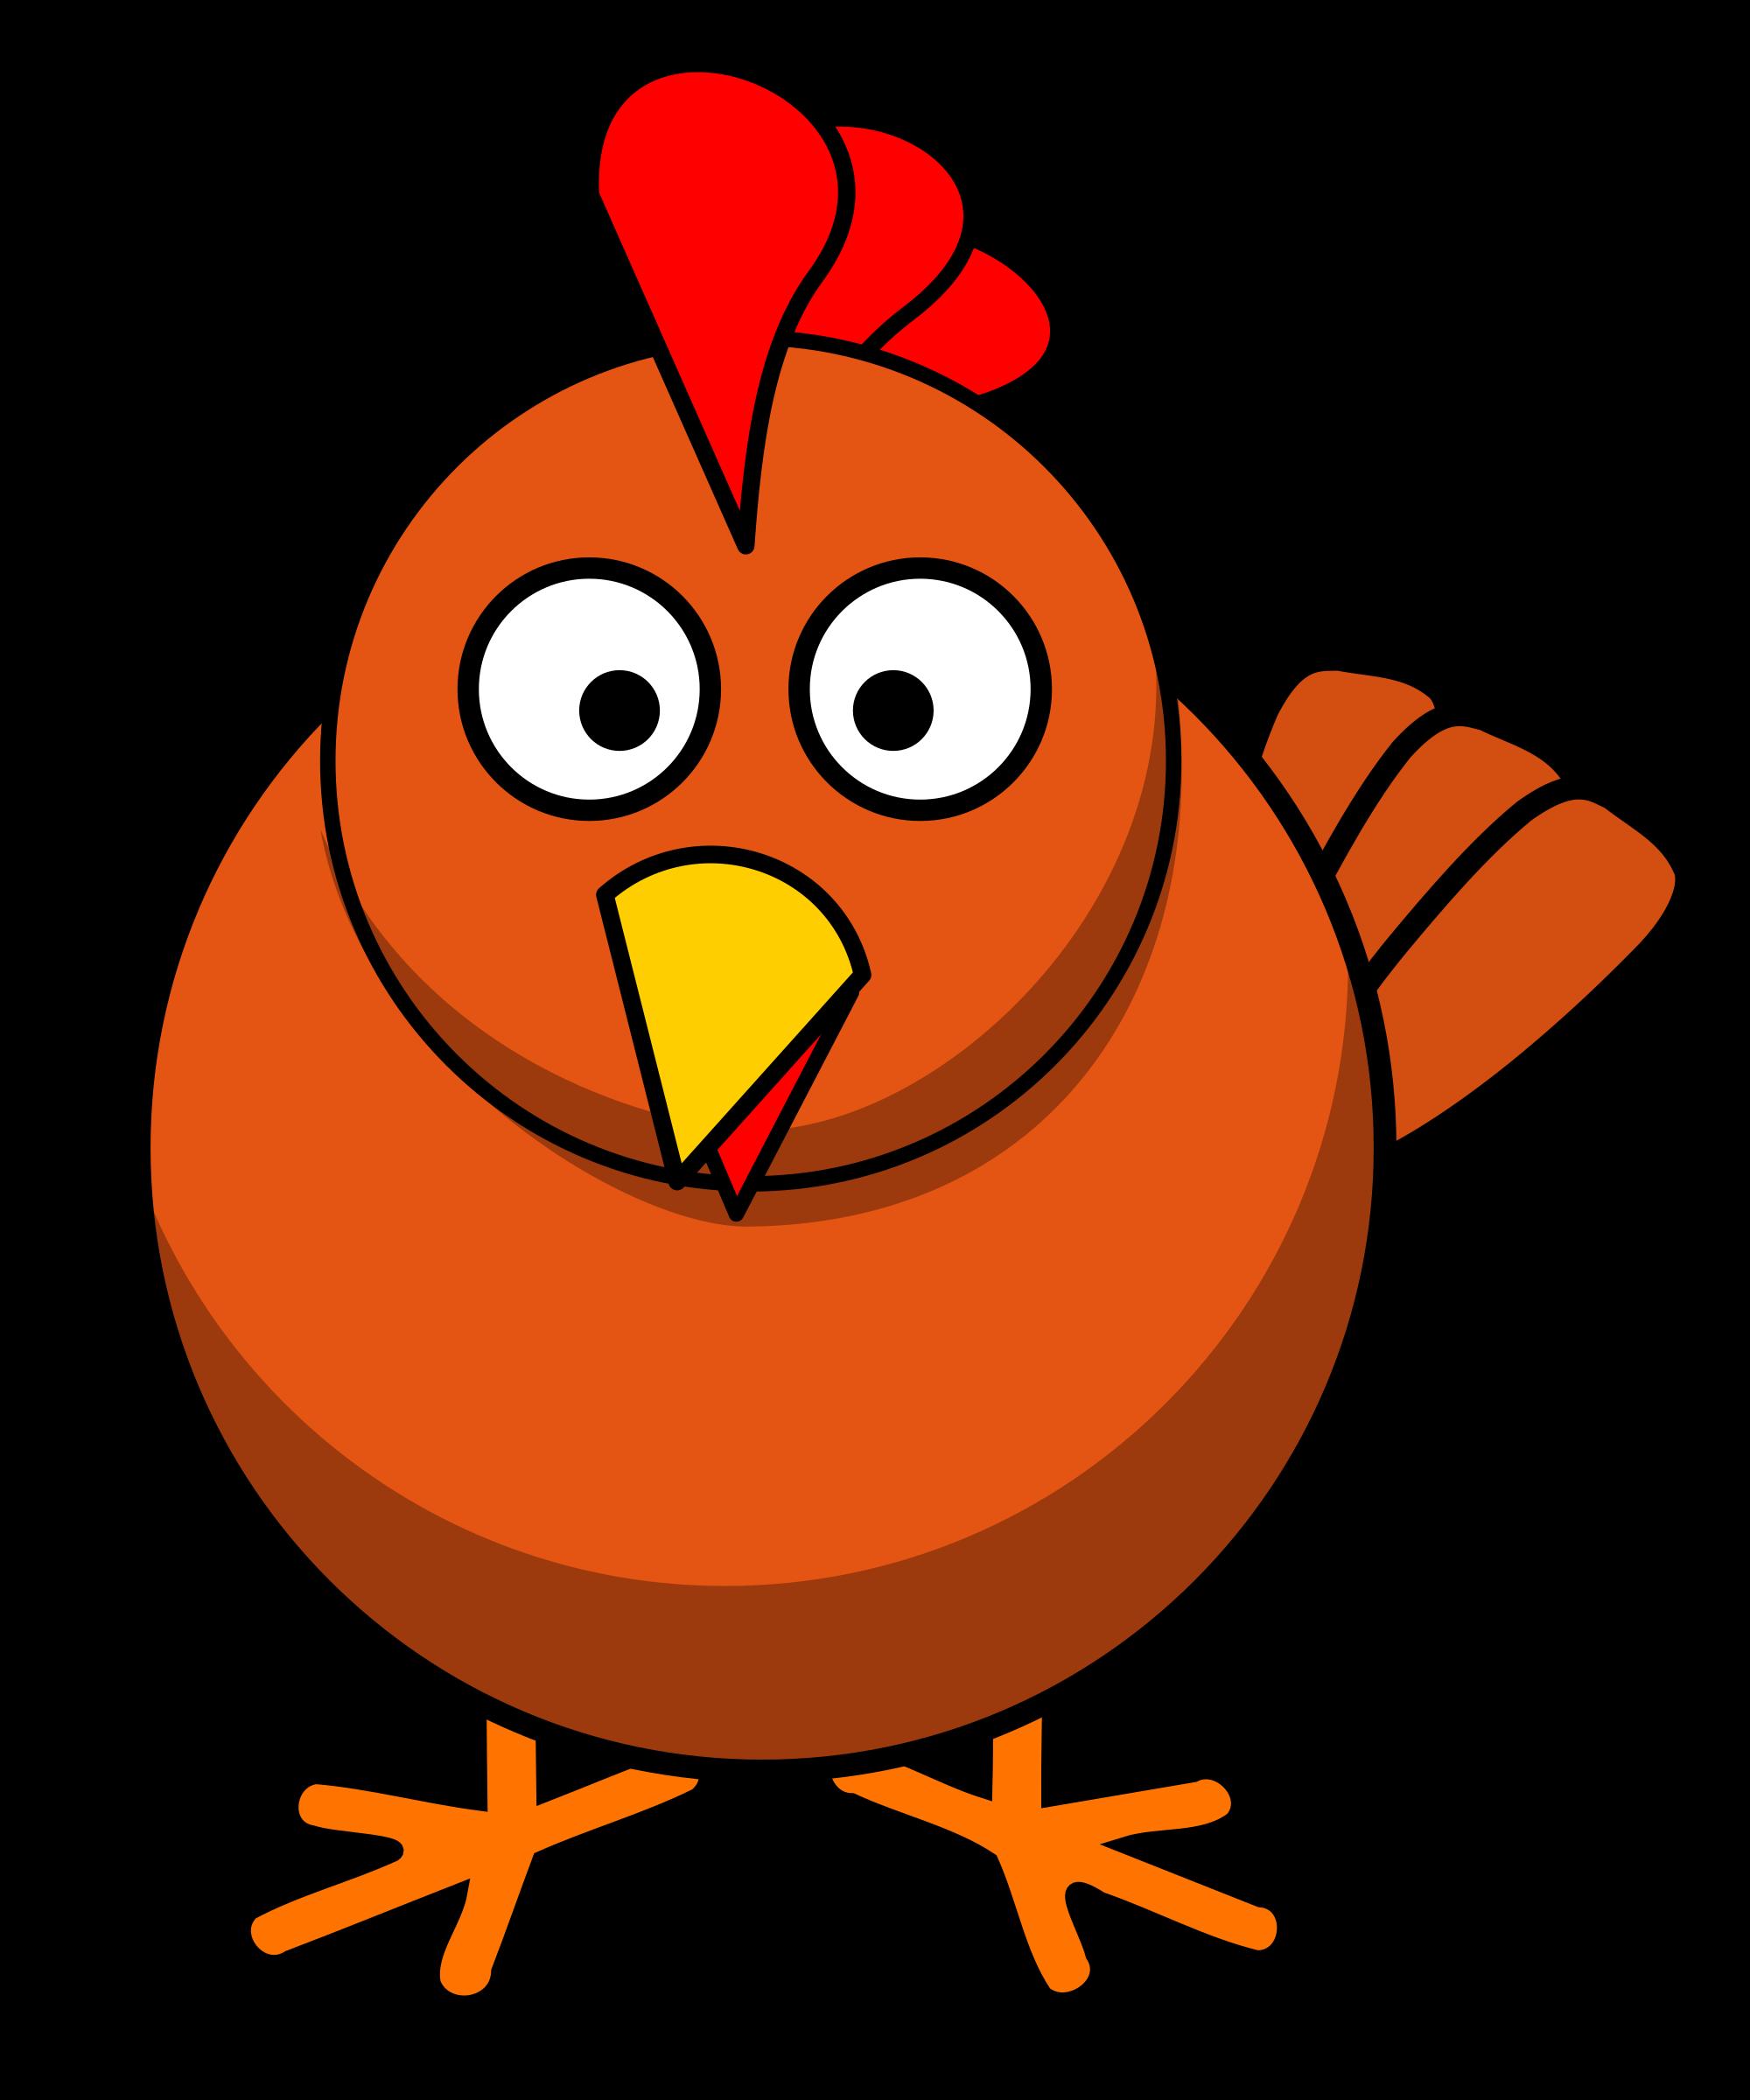 picture freeuse Round cartoon big image. Bird clipart chicken.